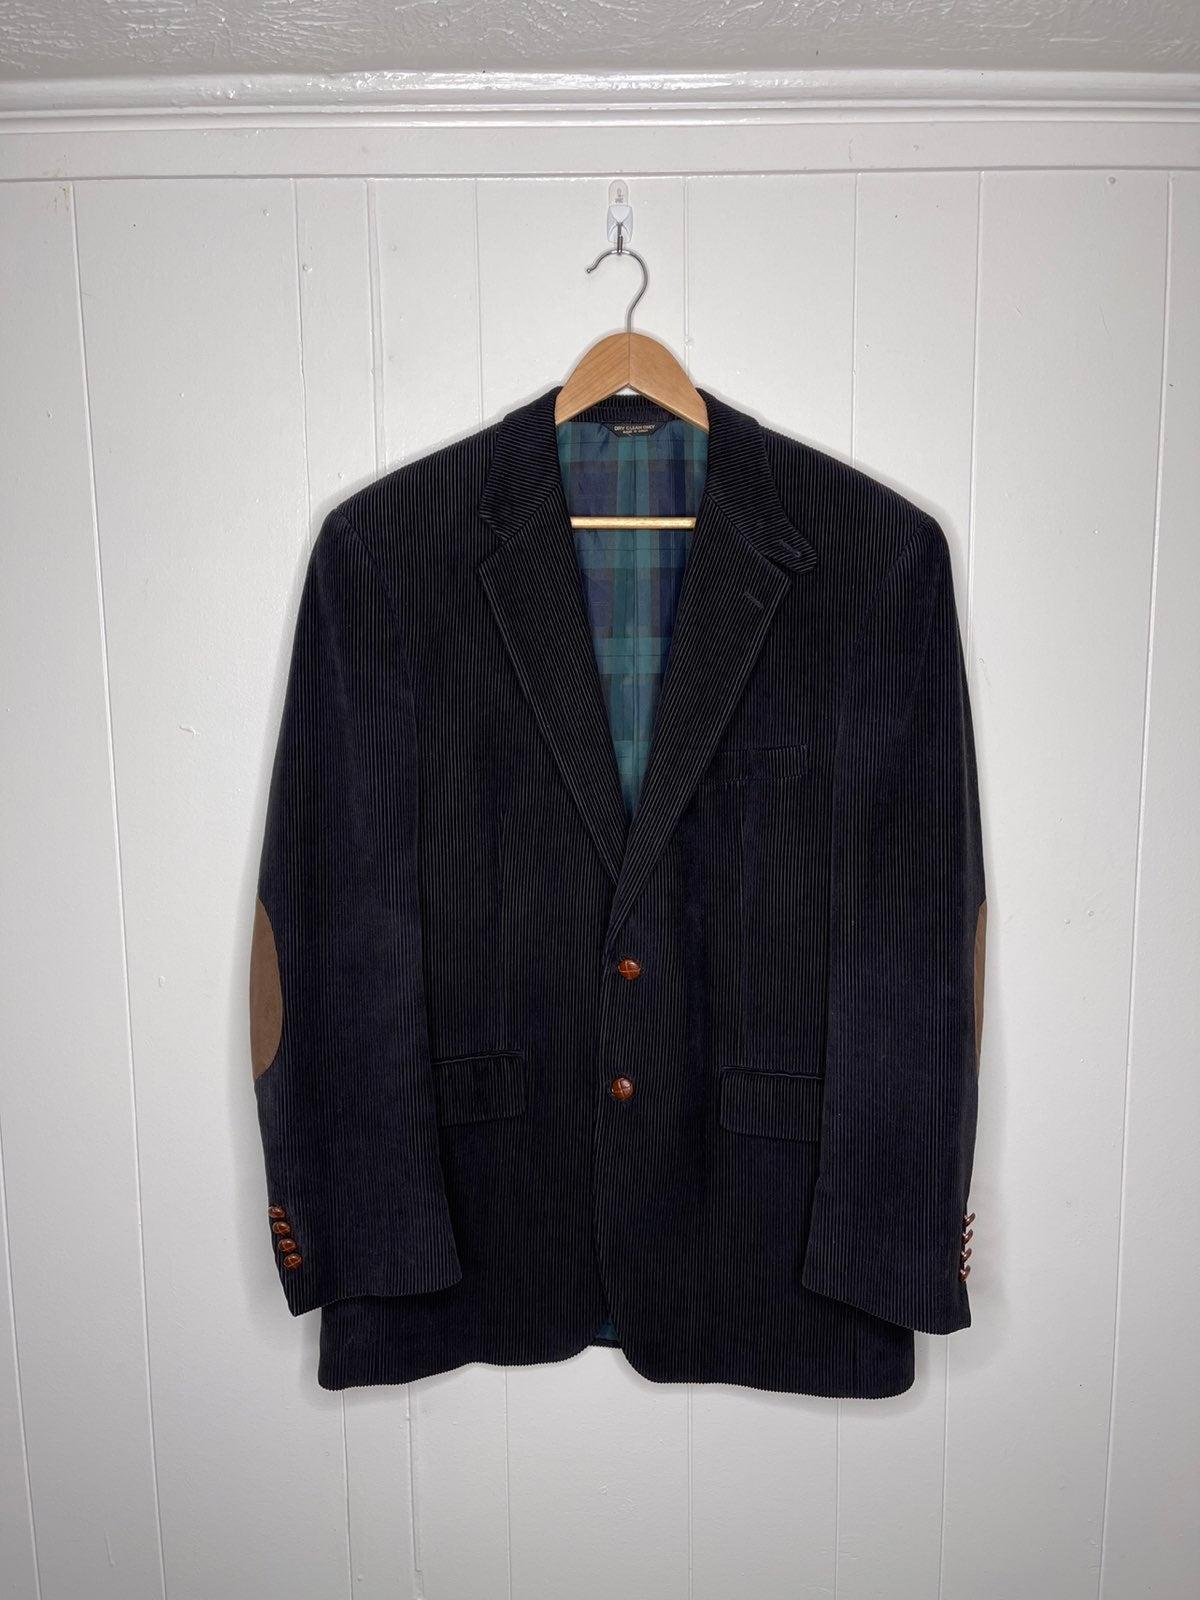 RALPH LAUREN corduroy blazer jacket 40L